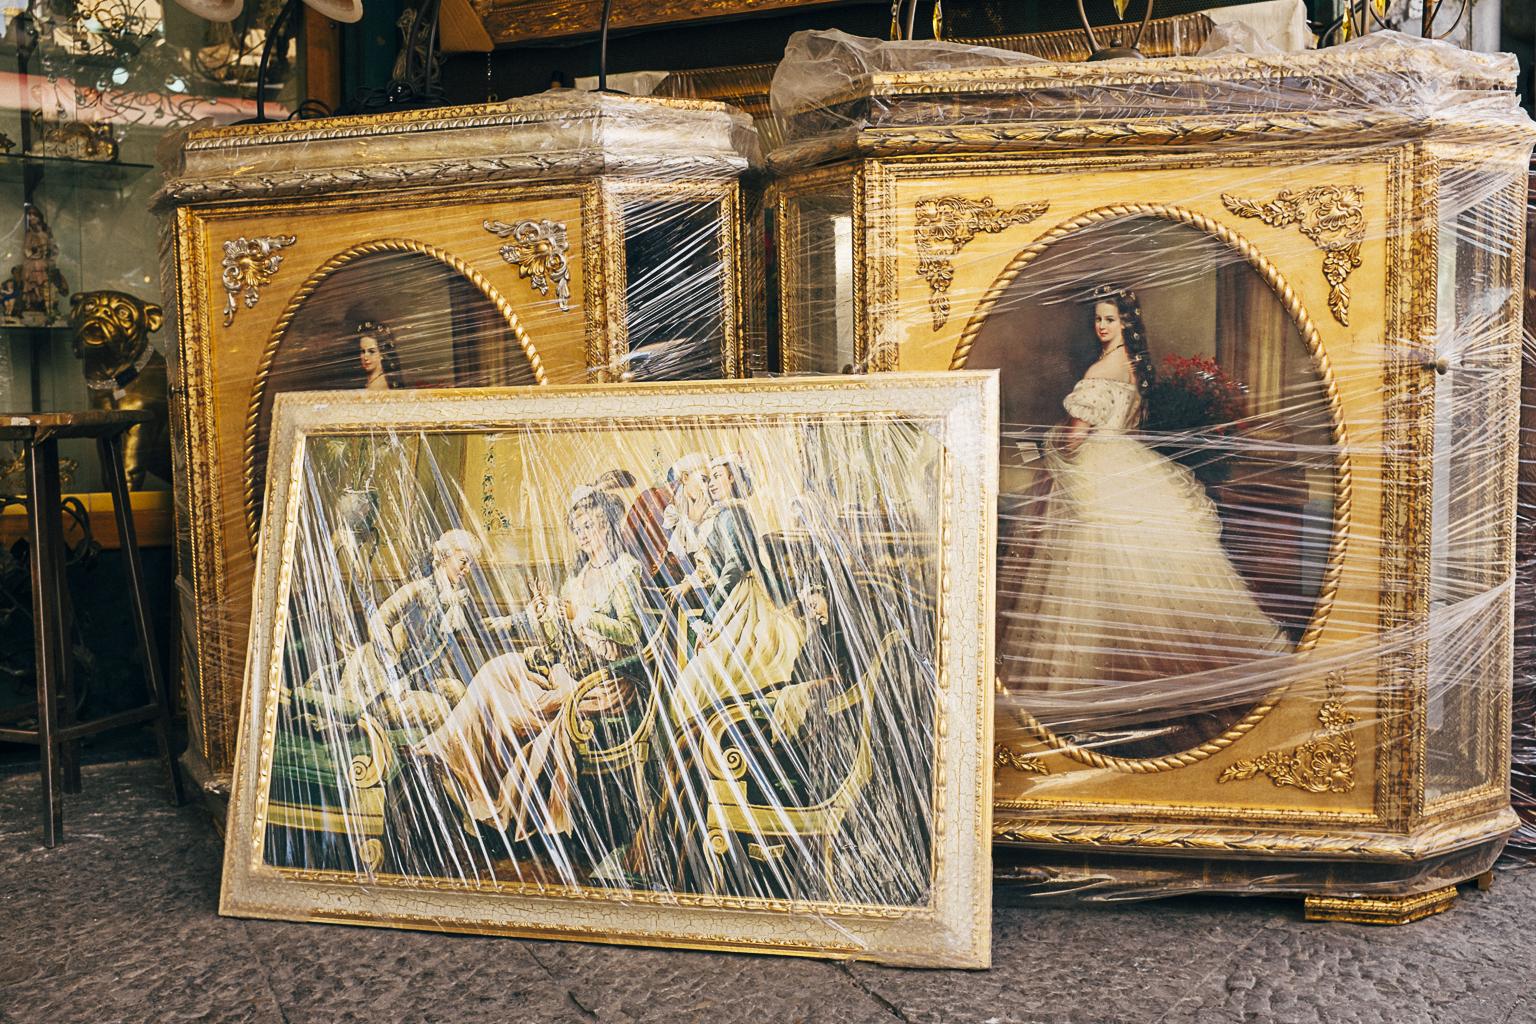 Fotografía incluida en el fotolibro  Gioia  de Ana Zaragoza editado por Caravanbook.